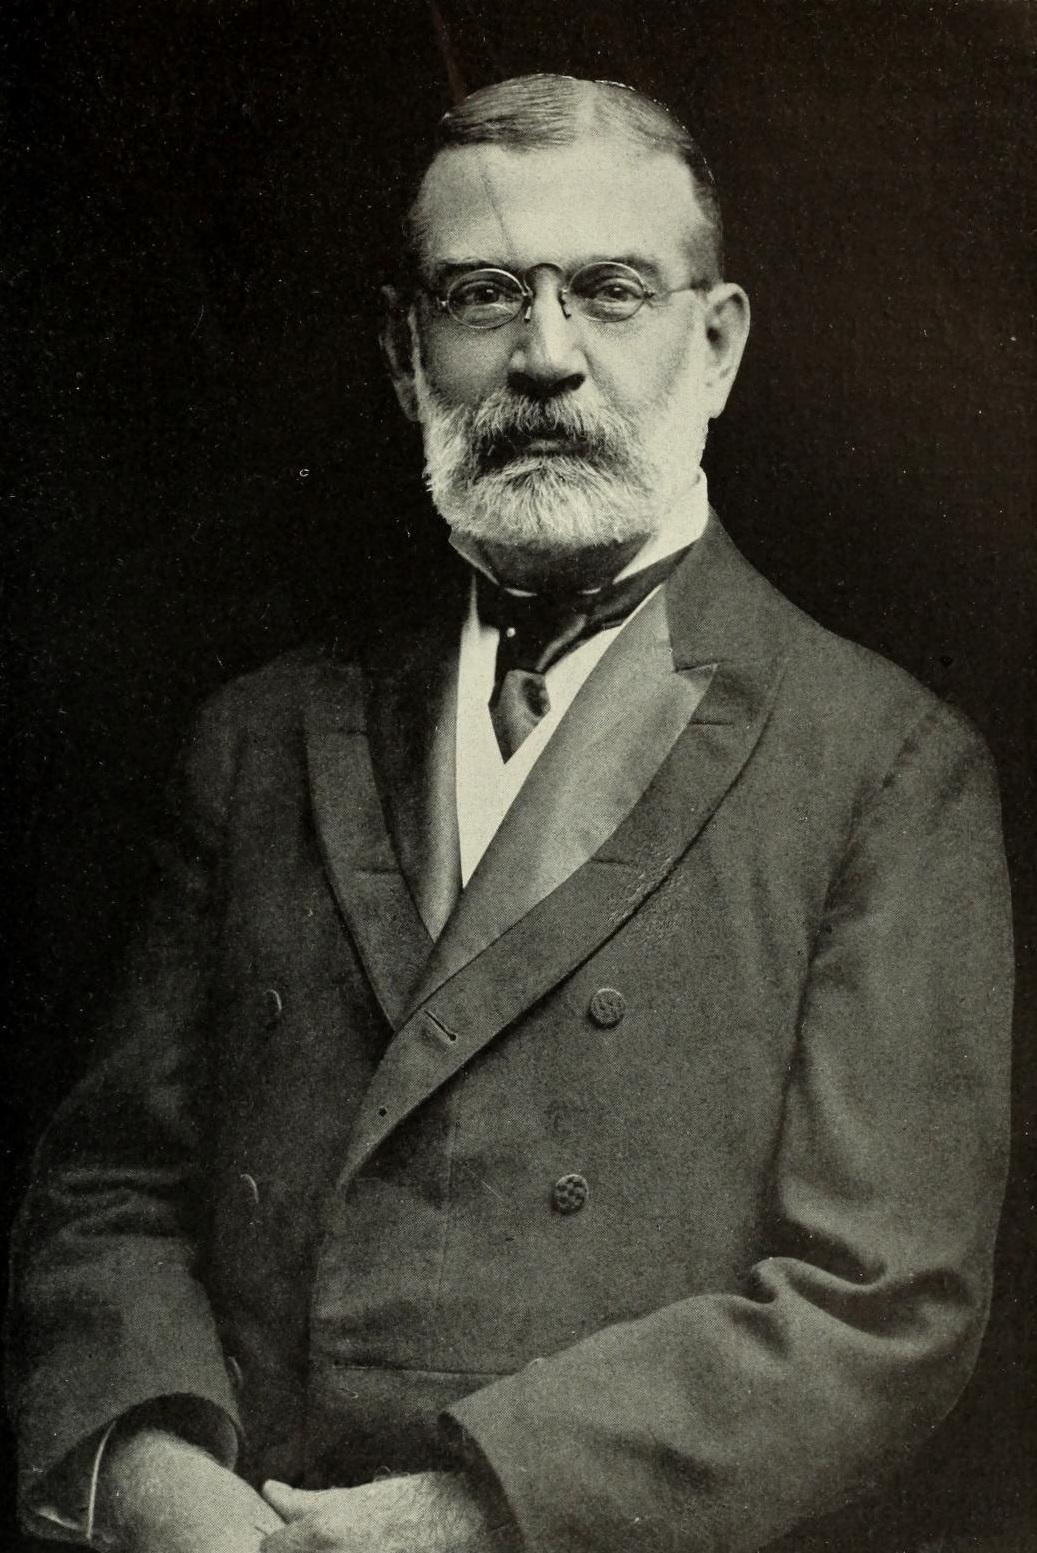 image of William Dutcher